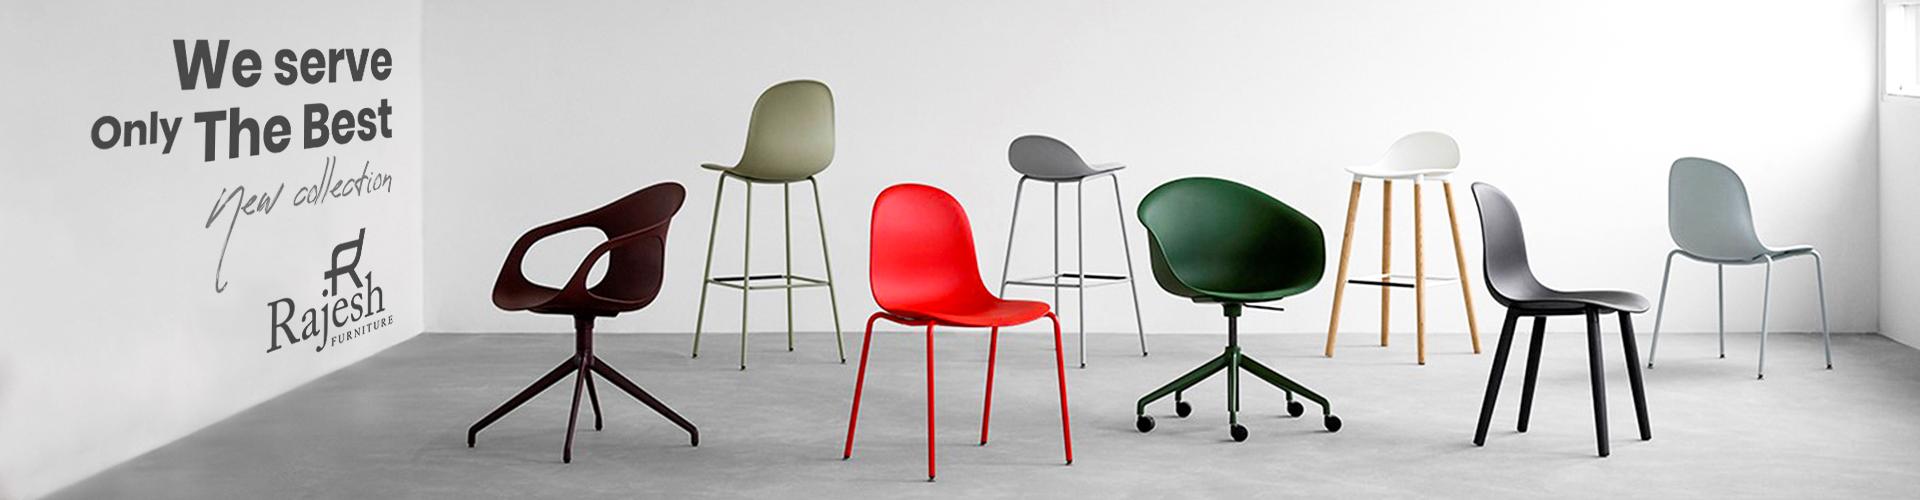 Rajeshfurniture-1920_500-multi_chair